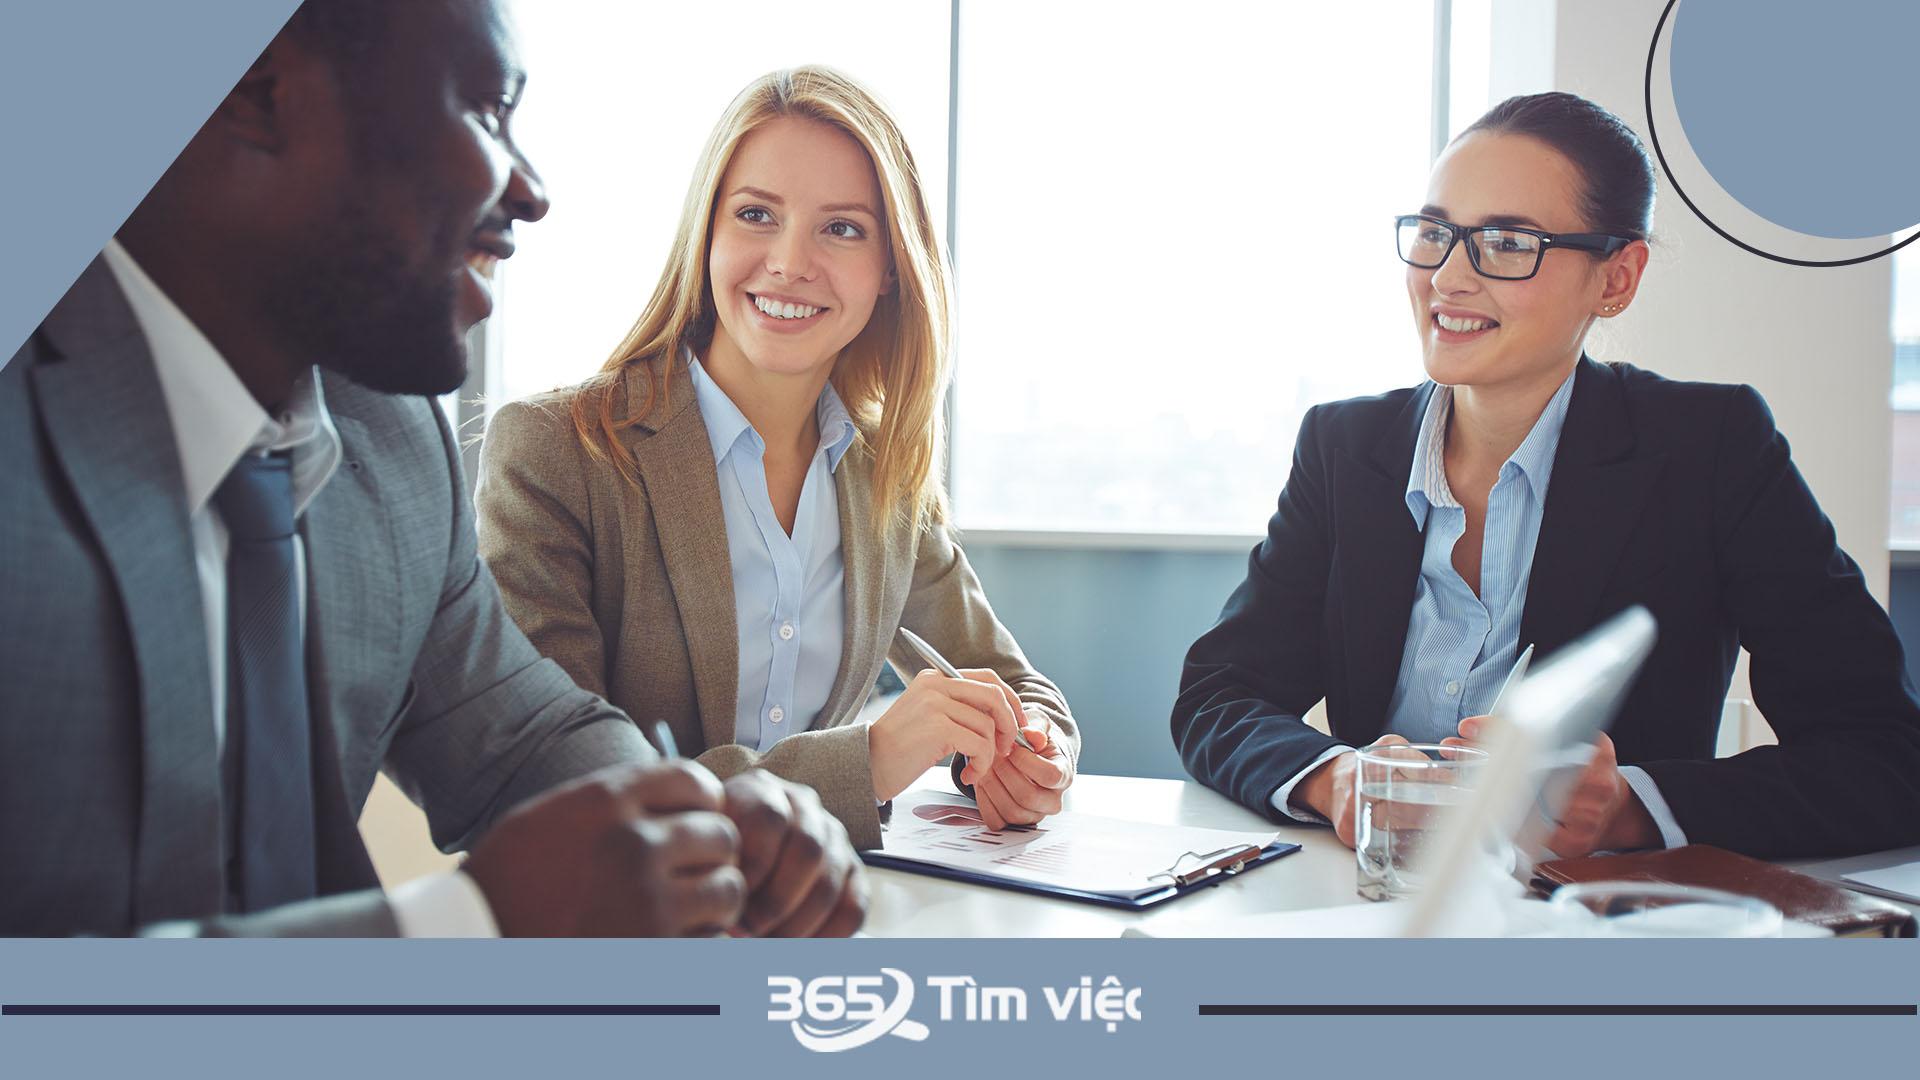 [Tìm hiểu] Lợi ích của việc tham dự buổi phỏng vấn dù bạn không thích